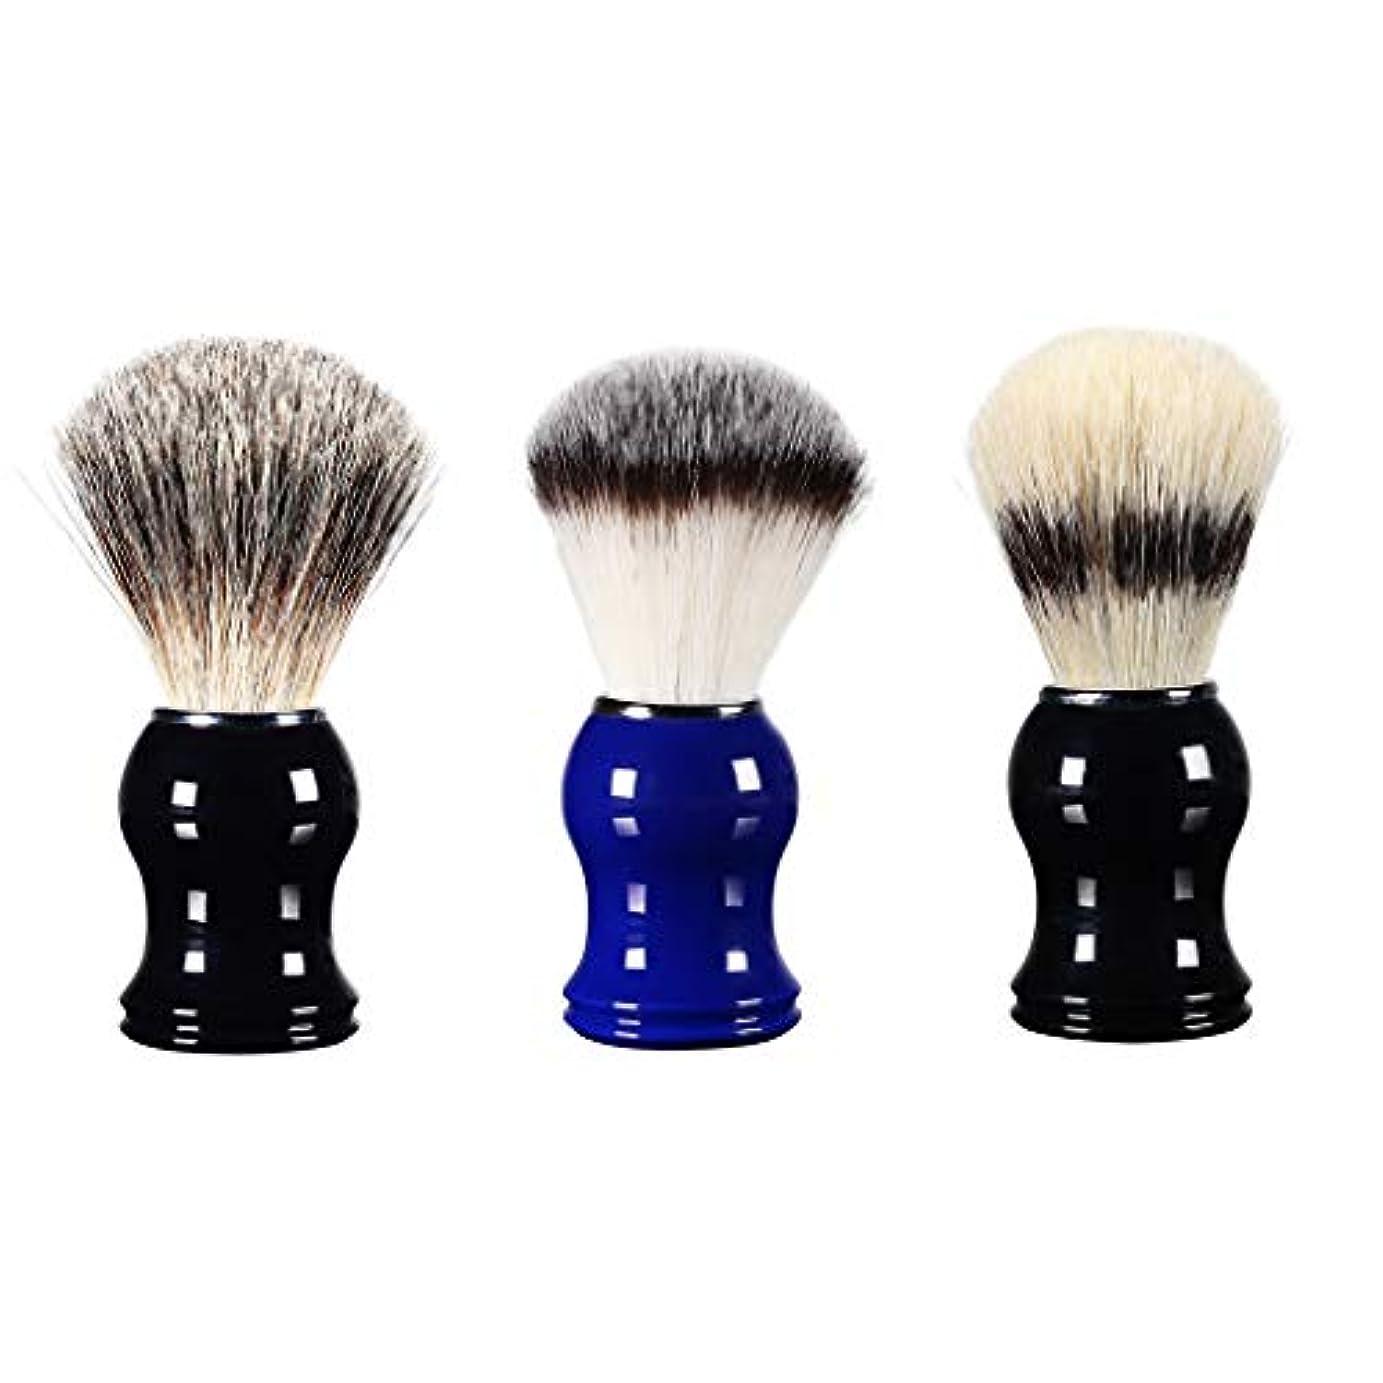 トリム重要な落ち着いてdailymall 3 Xプロのひげ剃りブラシ男性化粧品グルーミングツール樹脂ハンドル